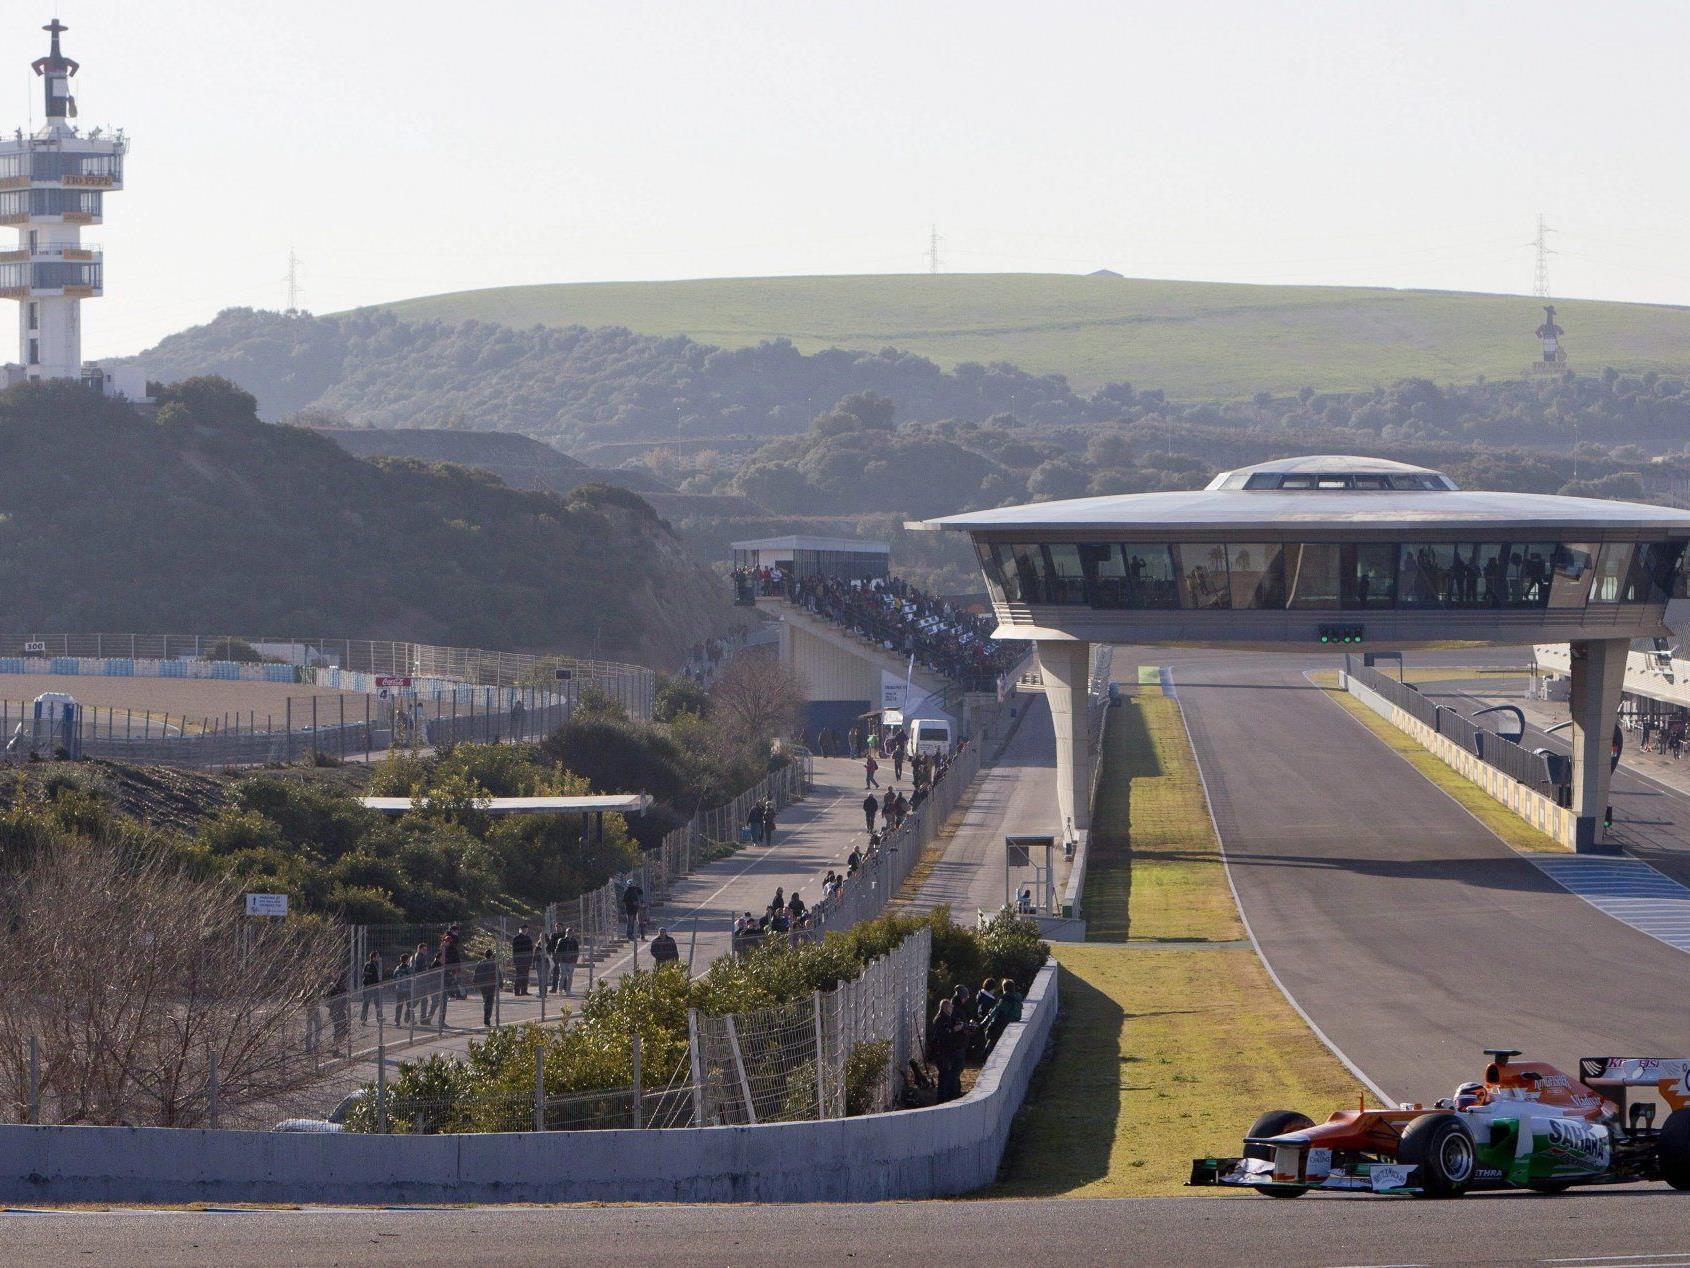 Der Rennkalender 2012 der Formel 1 umfasst erstmals 20 Rennen.